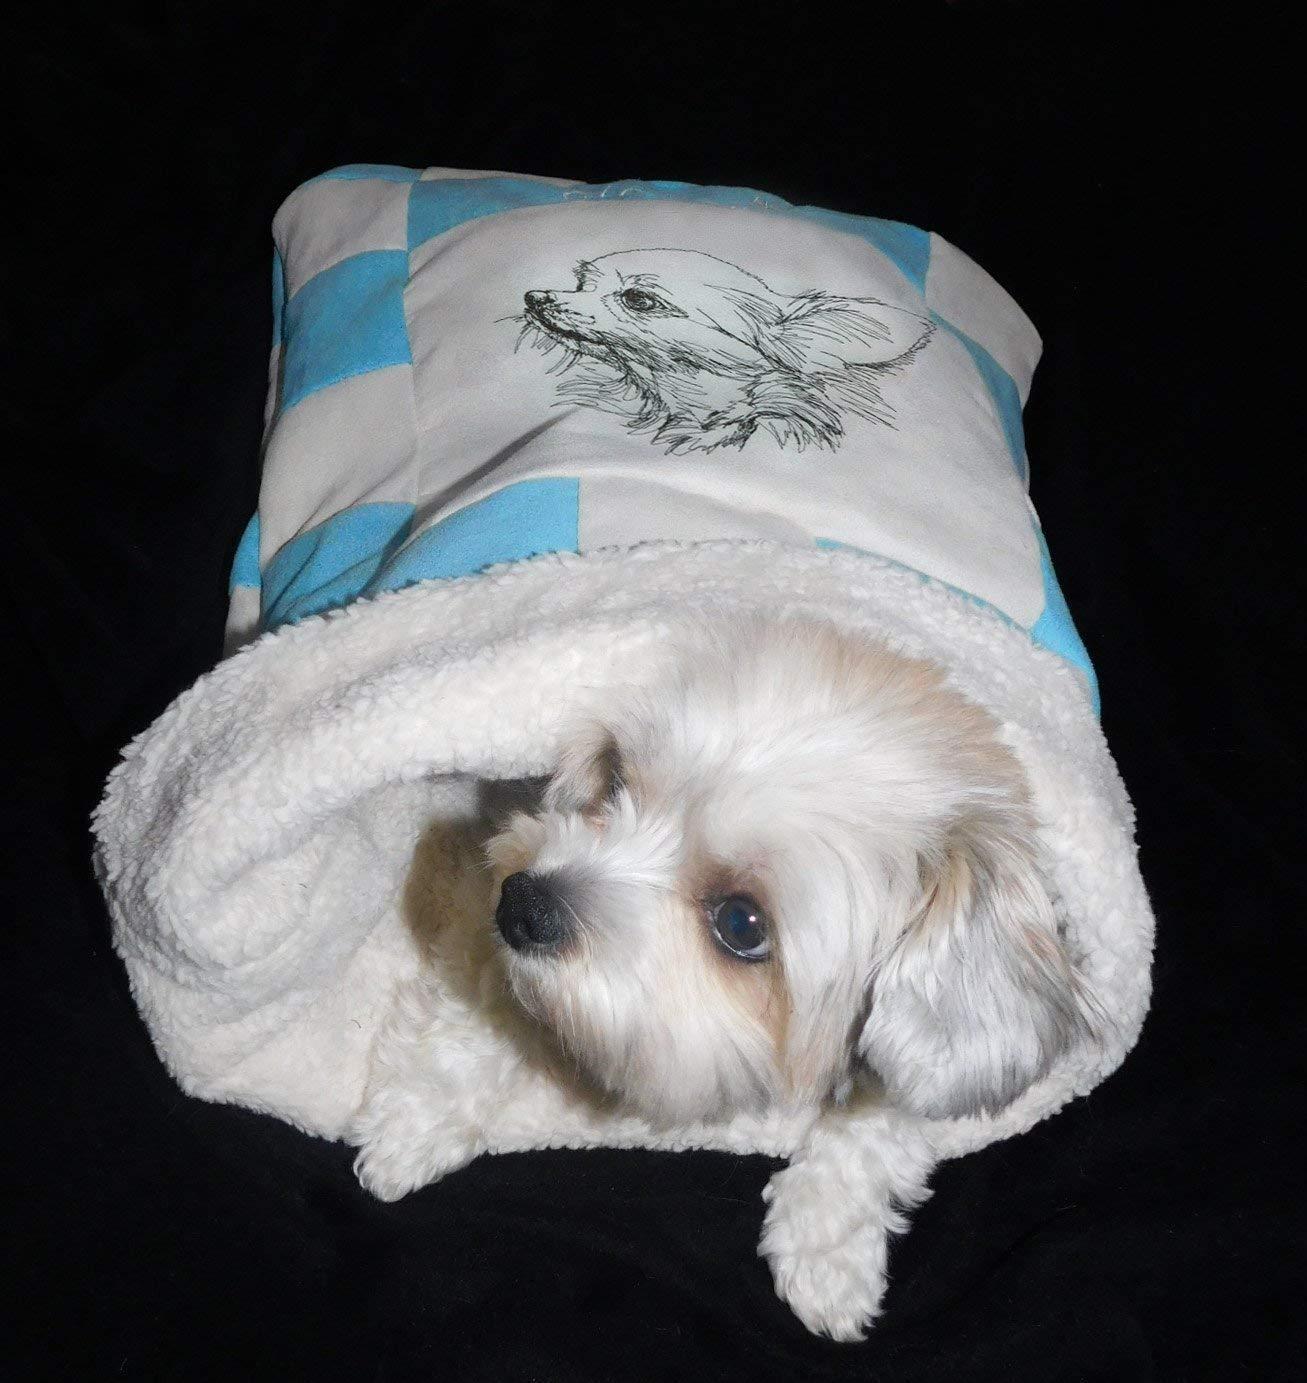 LunaChild Hunde Kuschelhöhle Chihuahua 3 Hundebett Name Snuggle Bag Größe S M L oder XL in vielen Farben erhältlich